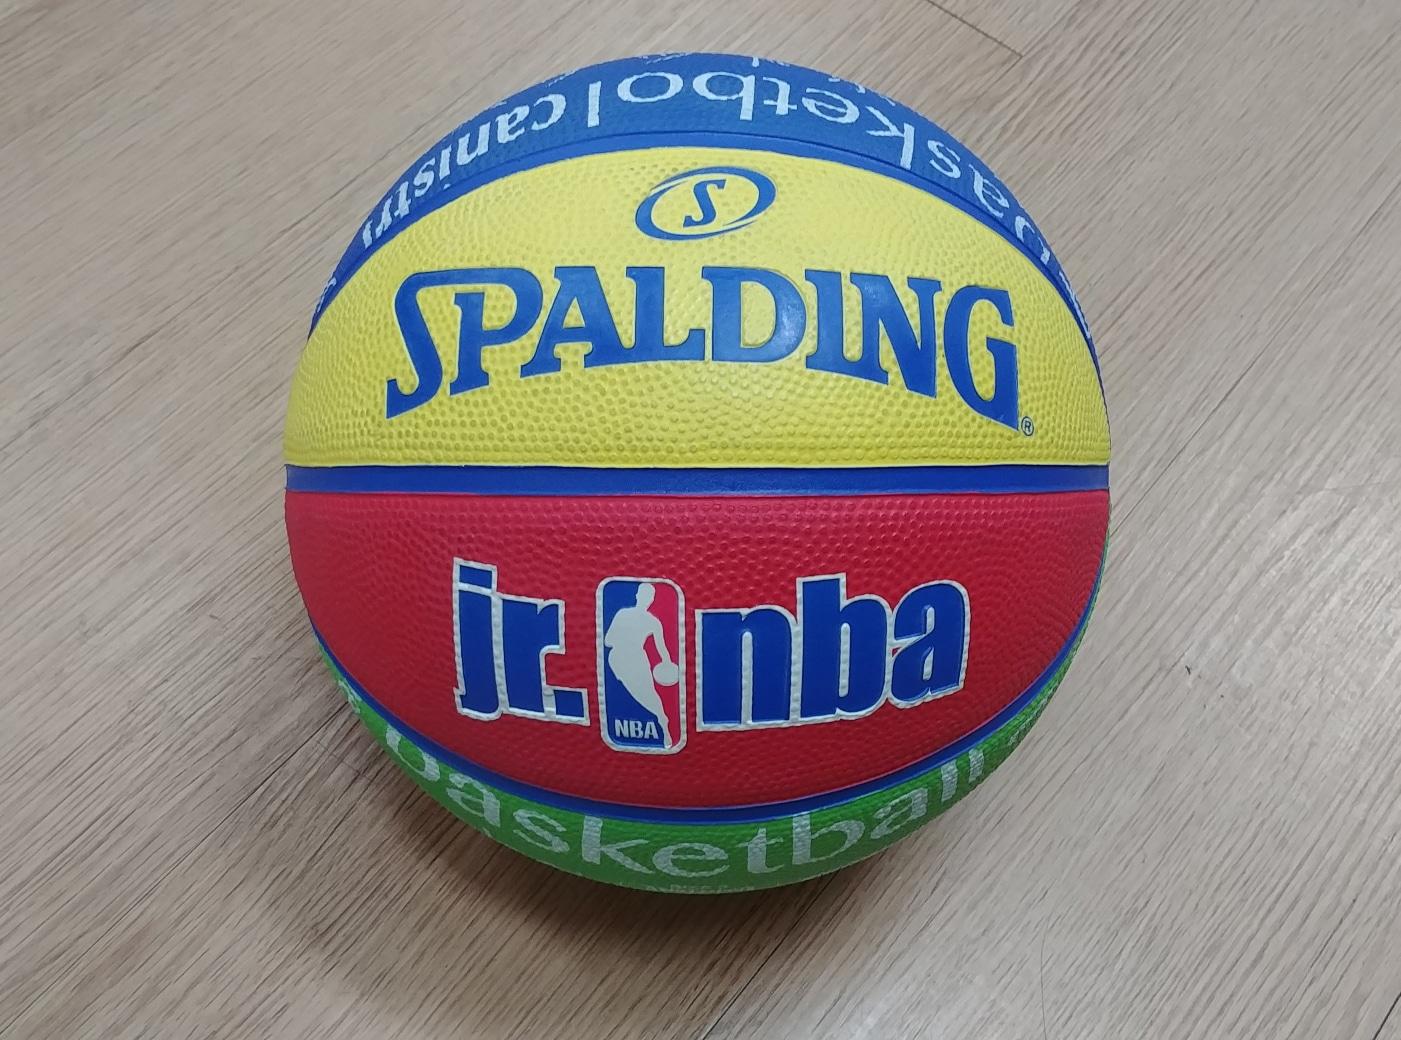 스팔딩 한정판 농구공 팝니다.